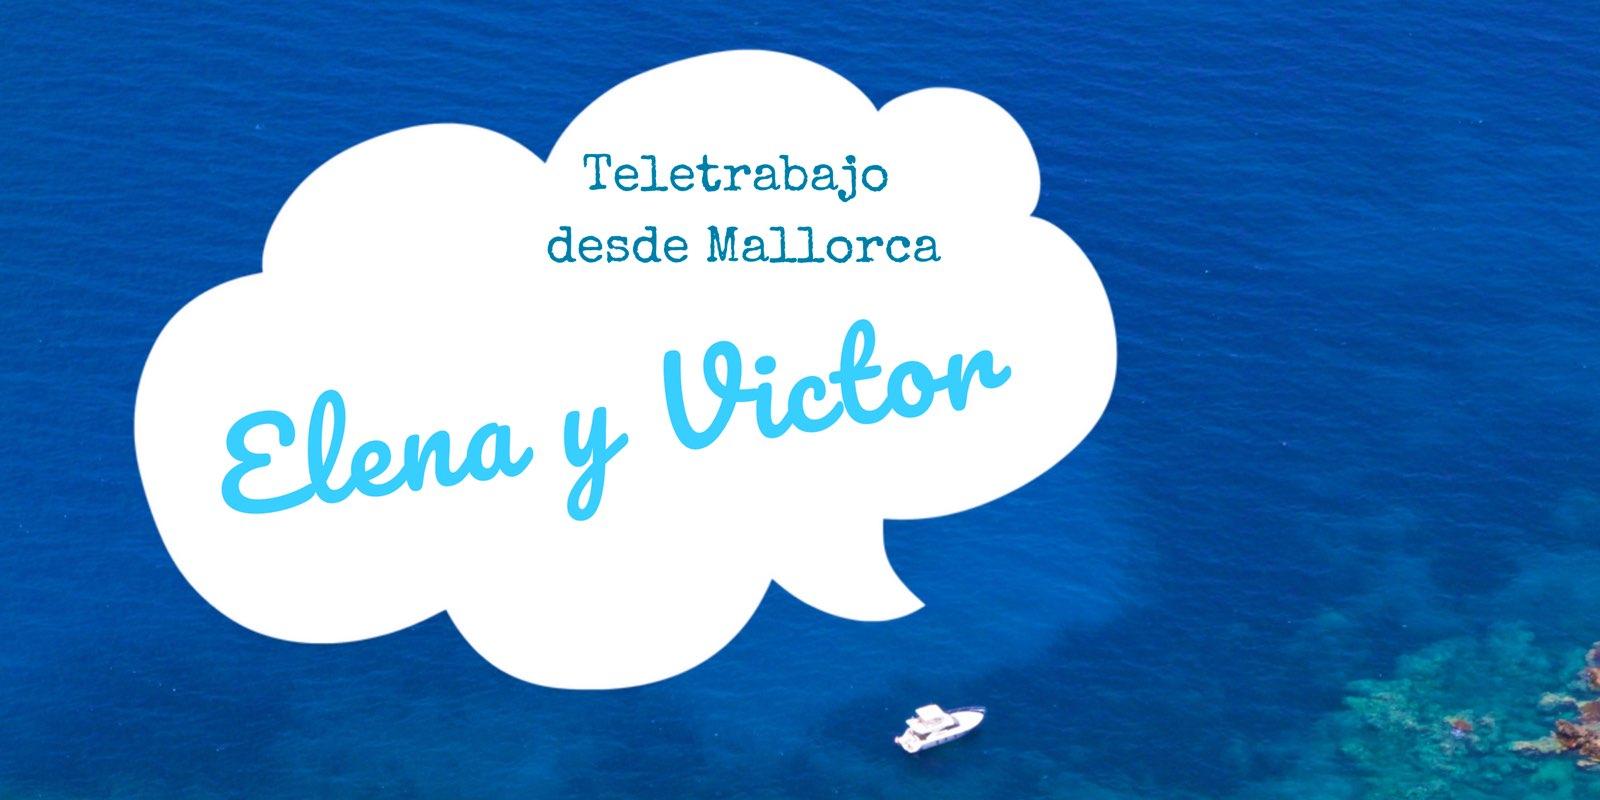 Teletrabajo desde Mallorca